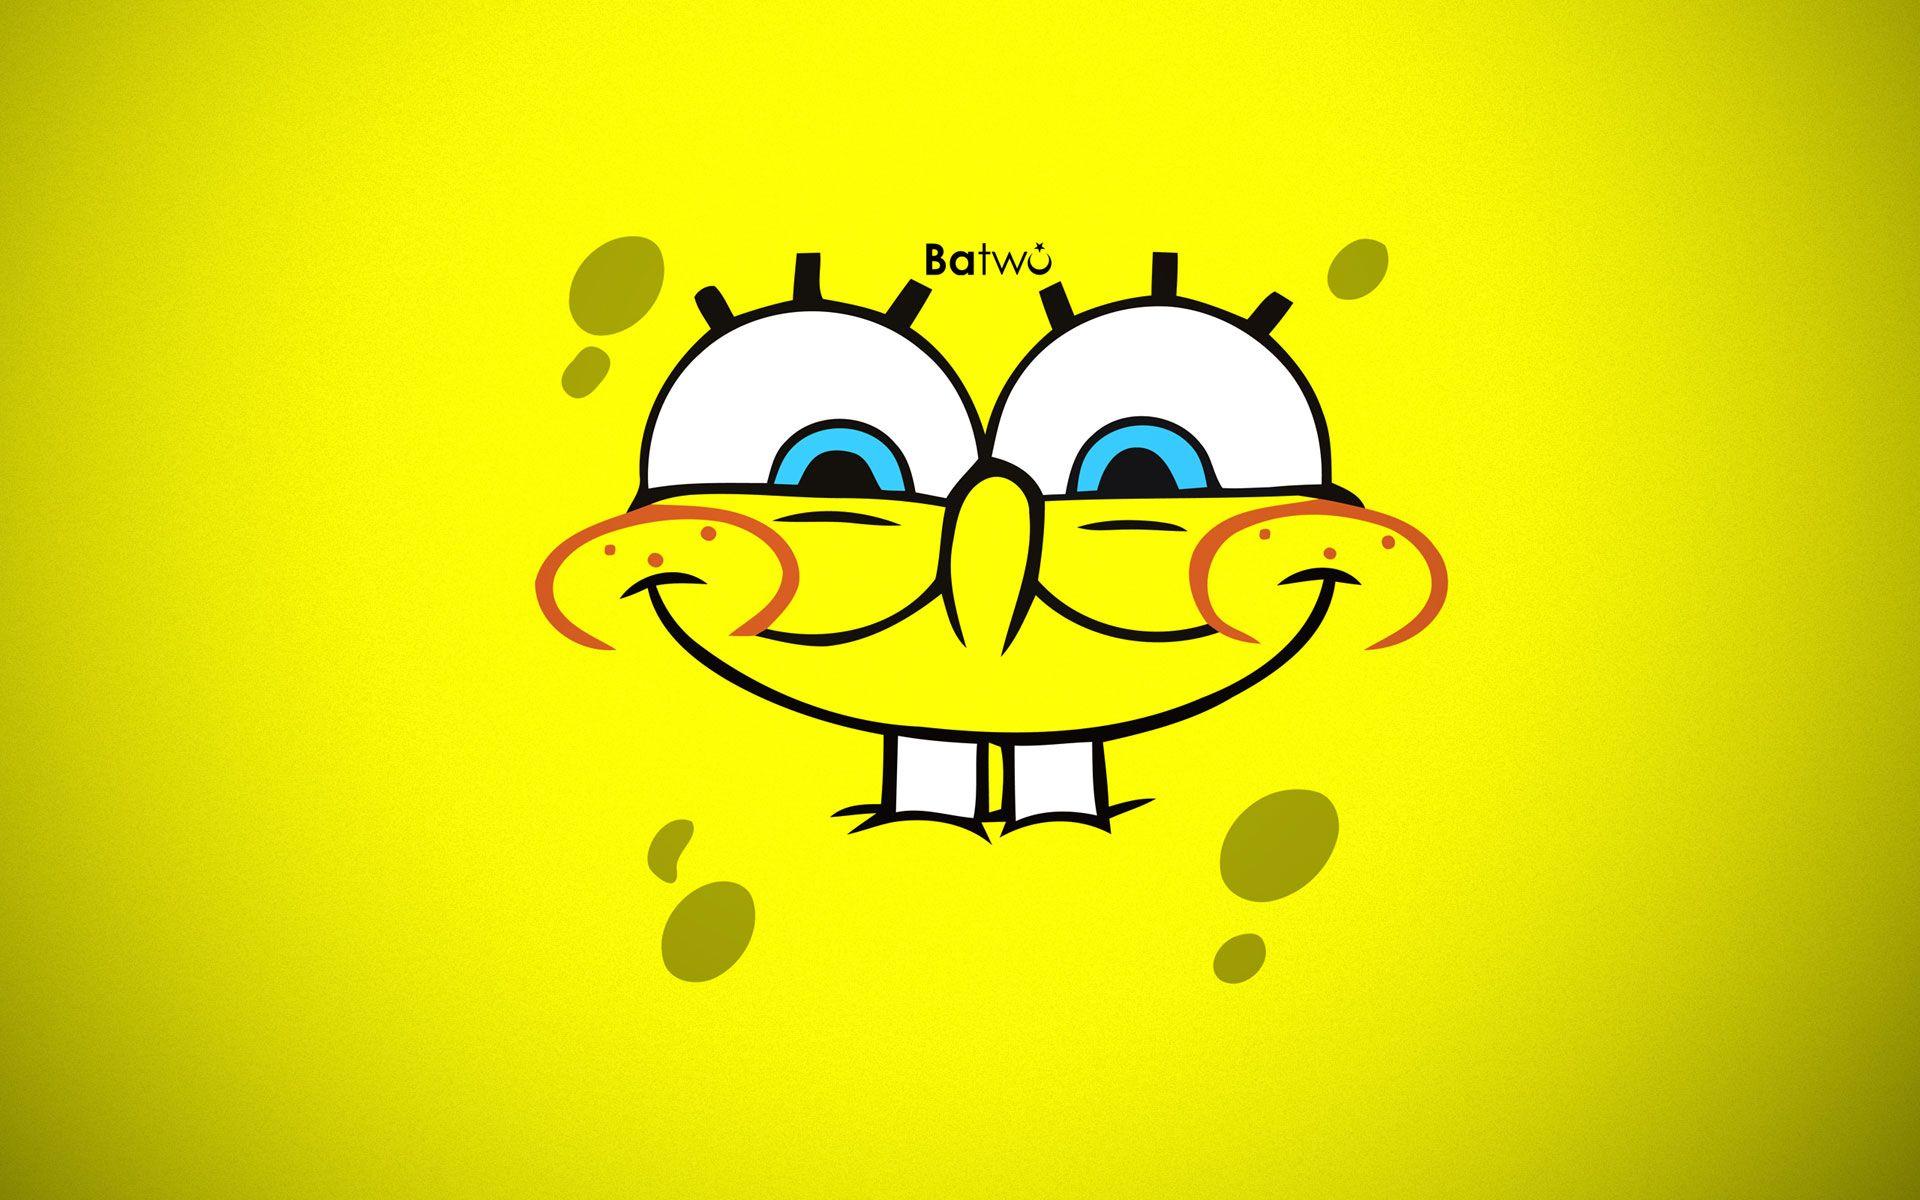 Wallpaper Lucu Spongebob Squarepants Djiwallpaper Co